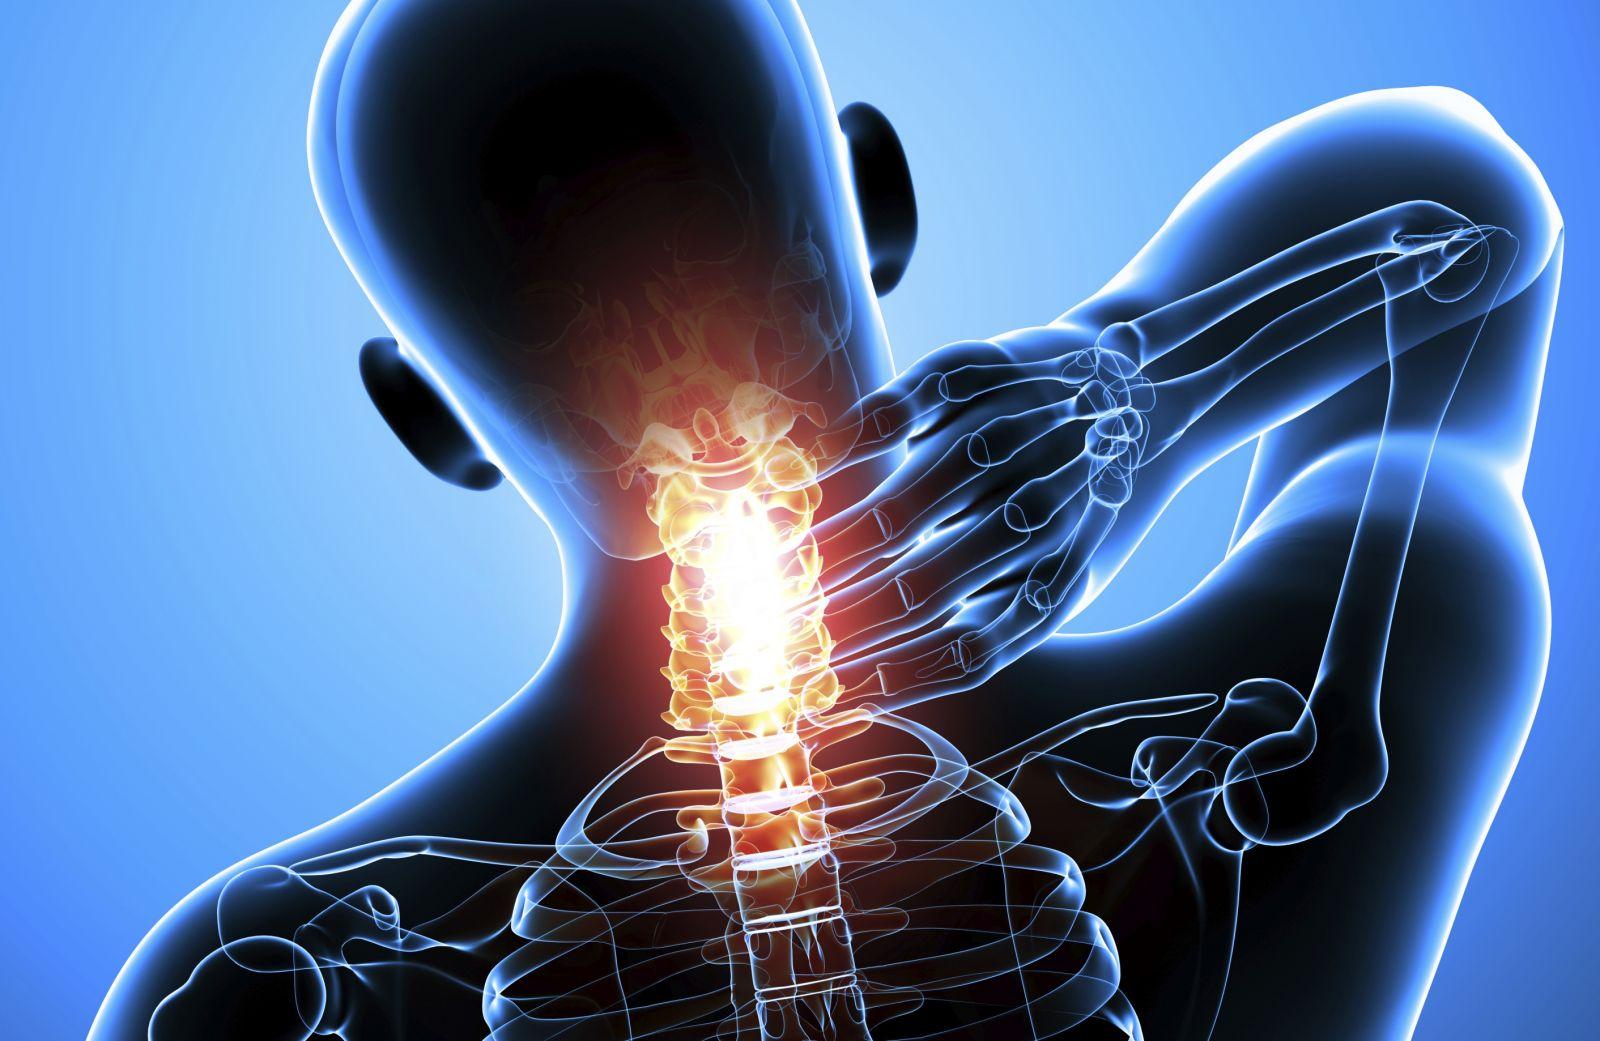 Скрип в шее при повороте головы лечение. Хруст и сопутствующие симптомы. Симптоматические проявления хруста в шеи